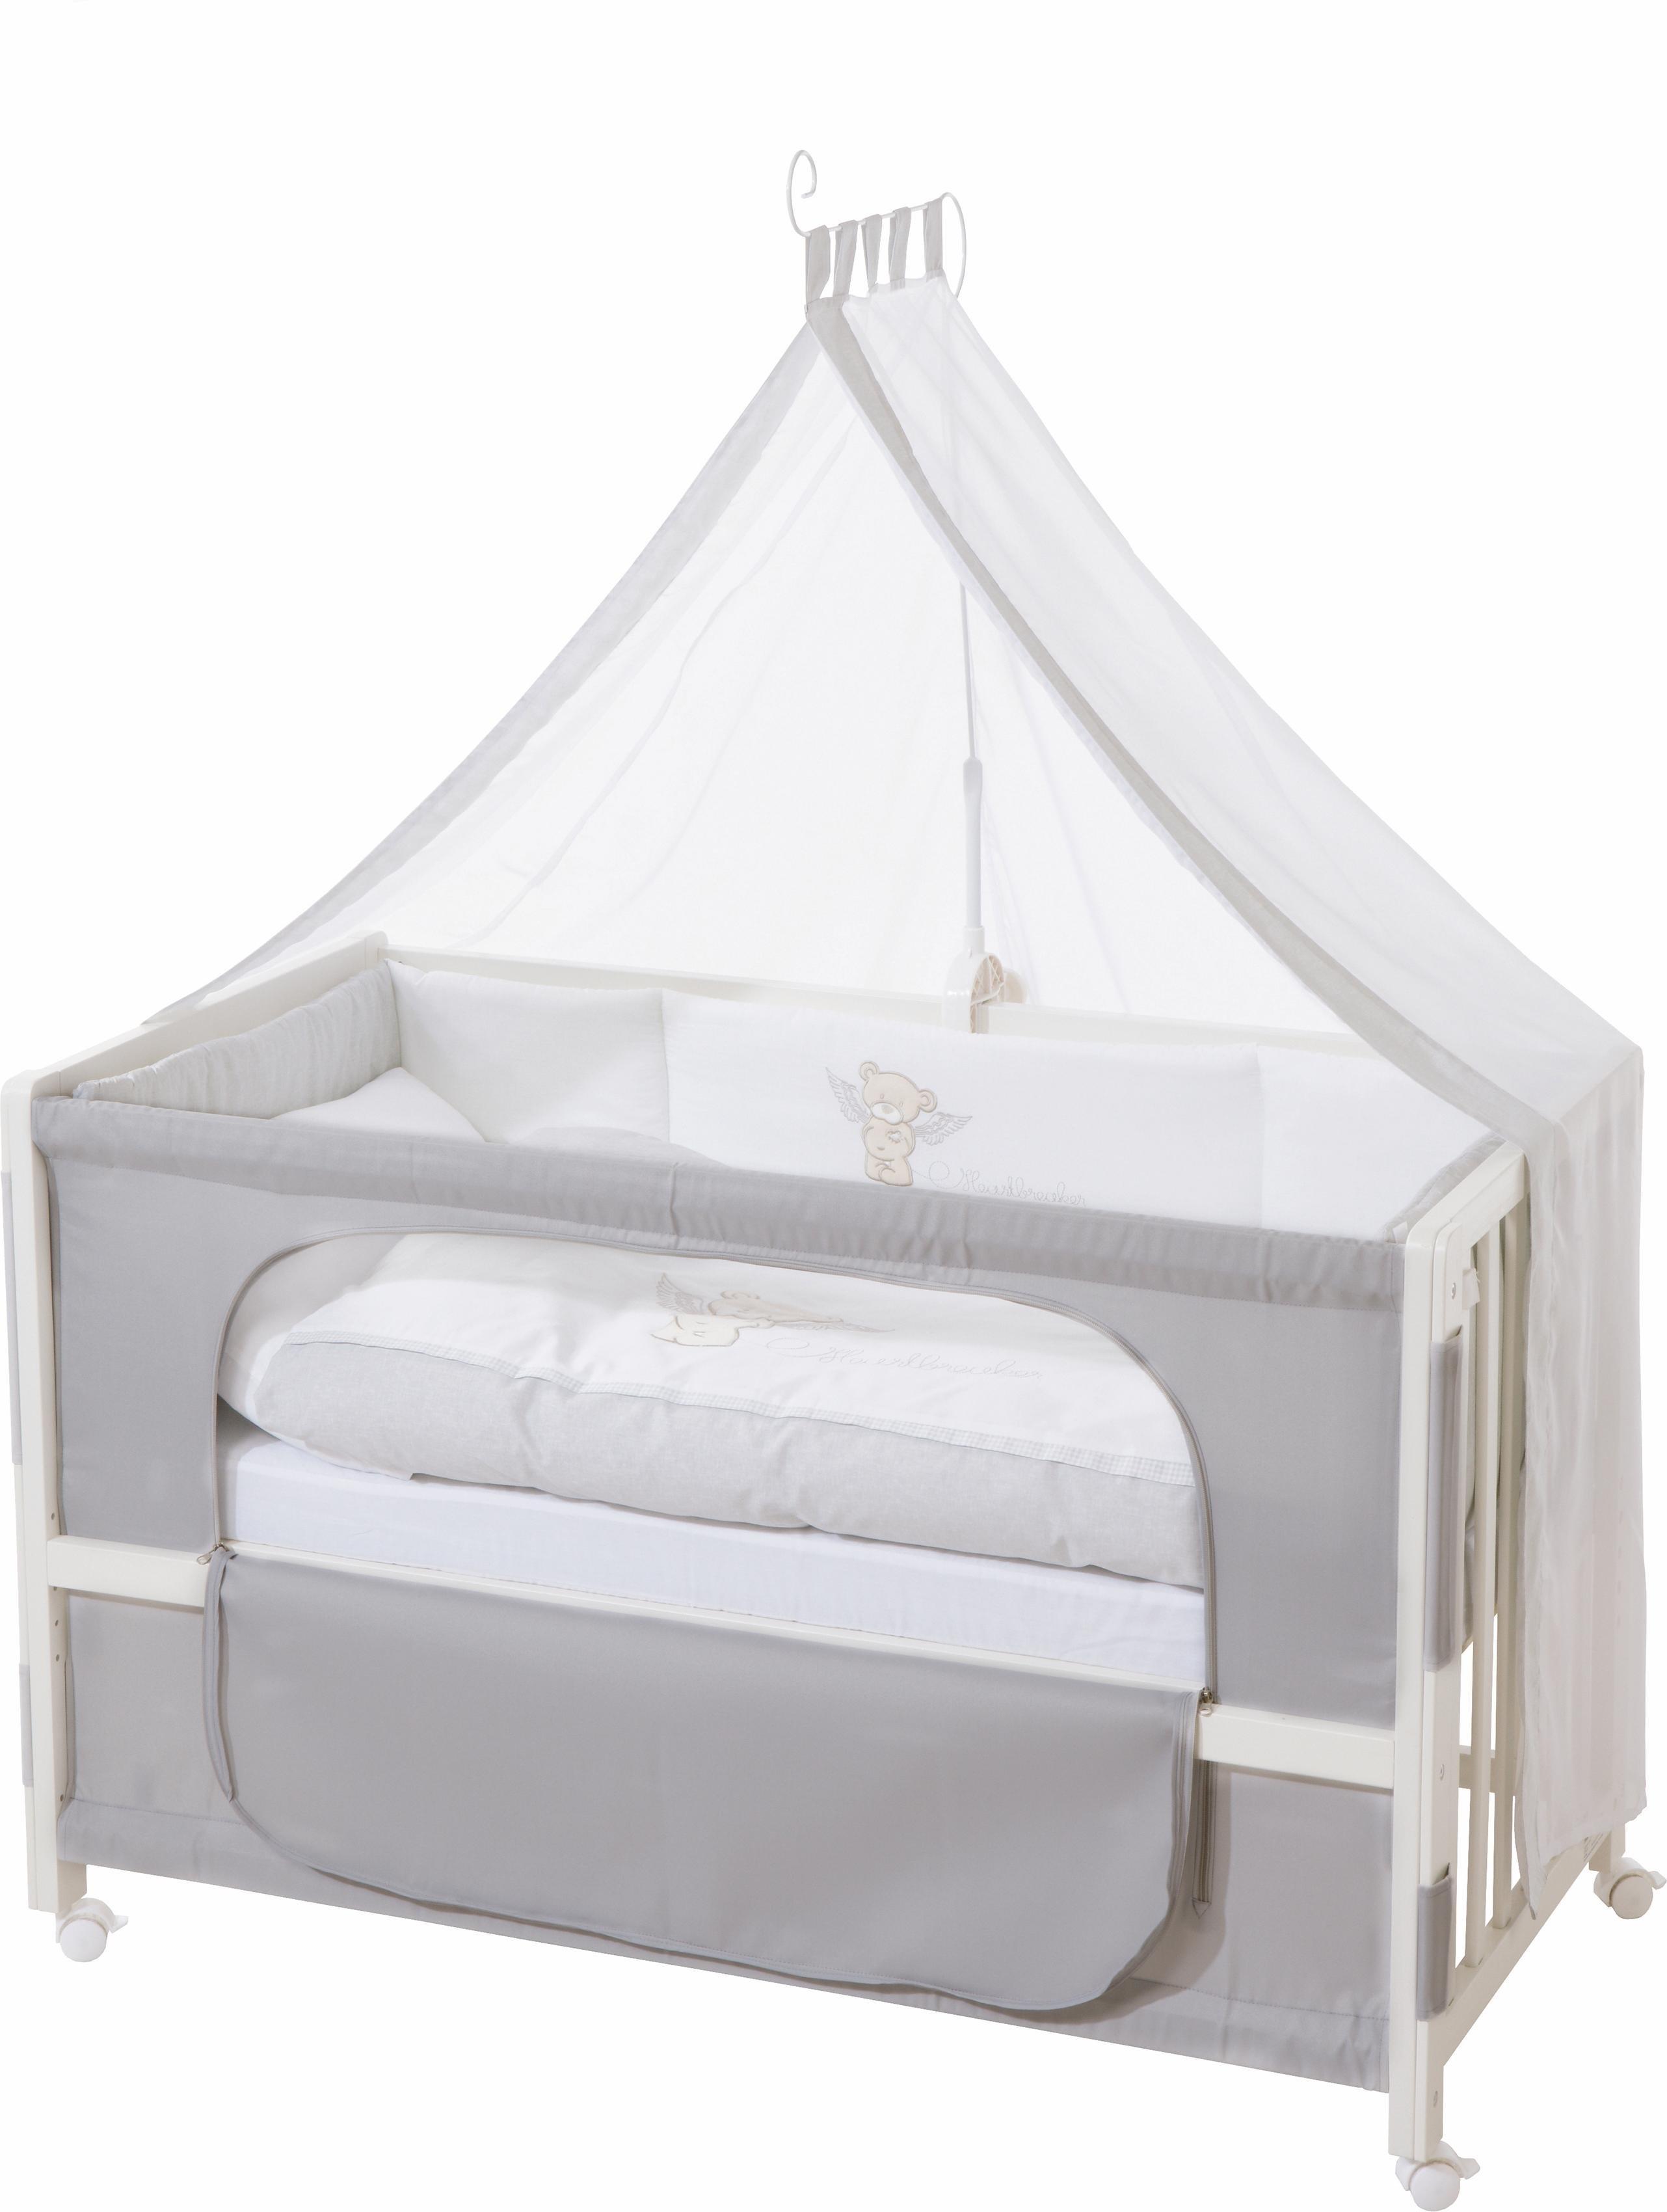 Op zoek naar een Roba ledikantje Room bed - decor Heartbreaker te gebruiken als bijzetbed, kinderbed en juniorbed? Koop online bij OTTO